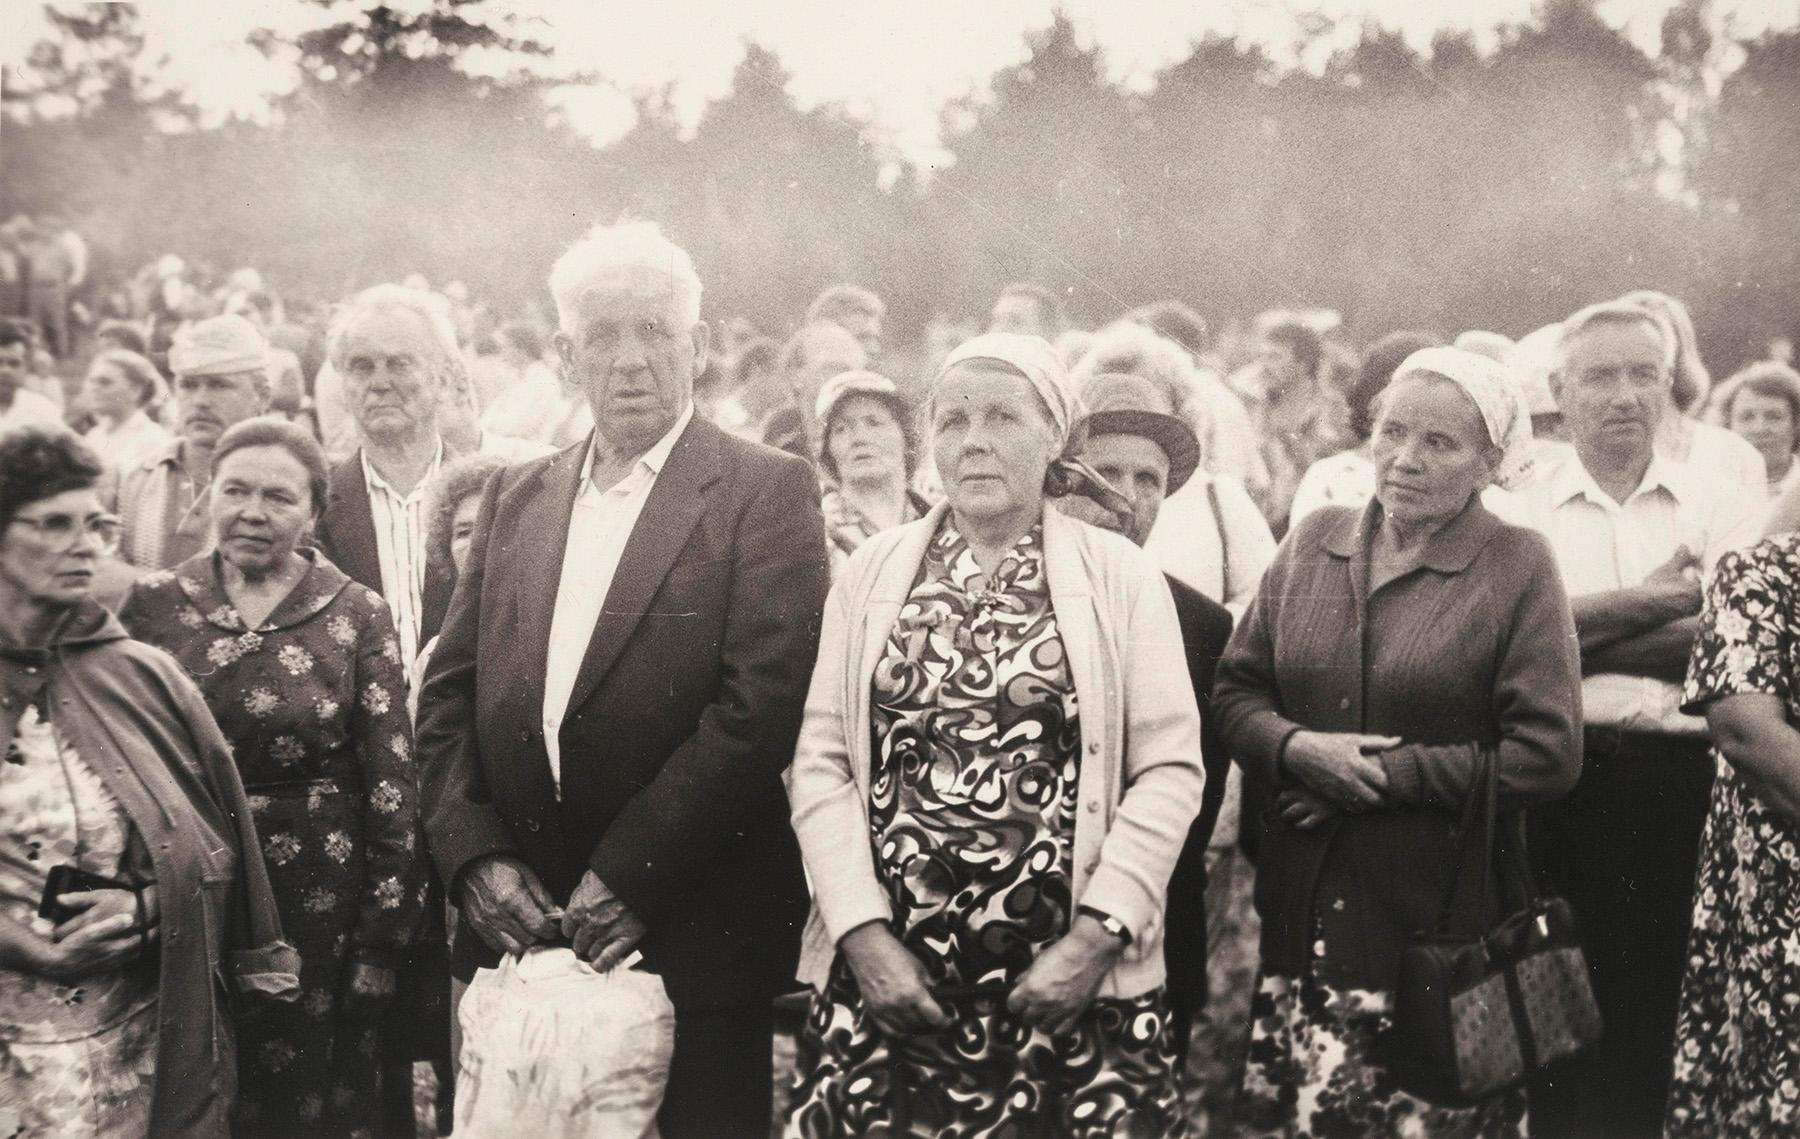 Väkeä kesäjuhlilla Keltossa vuonna 1989. SKS KIA, Albert Kirjasen arkisto. CC BY 4.0